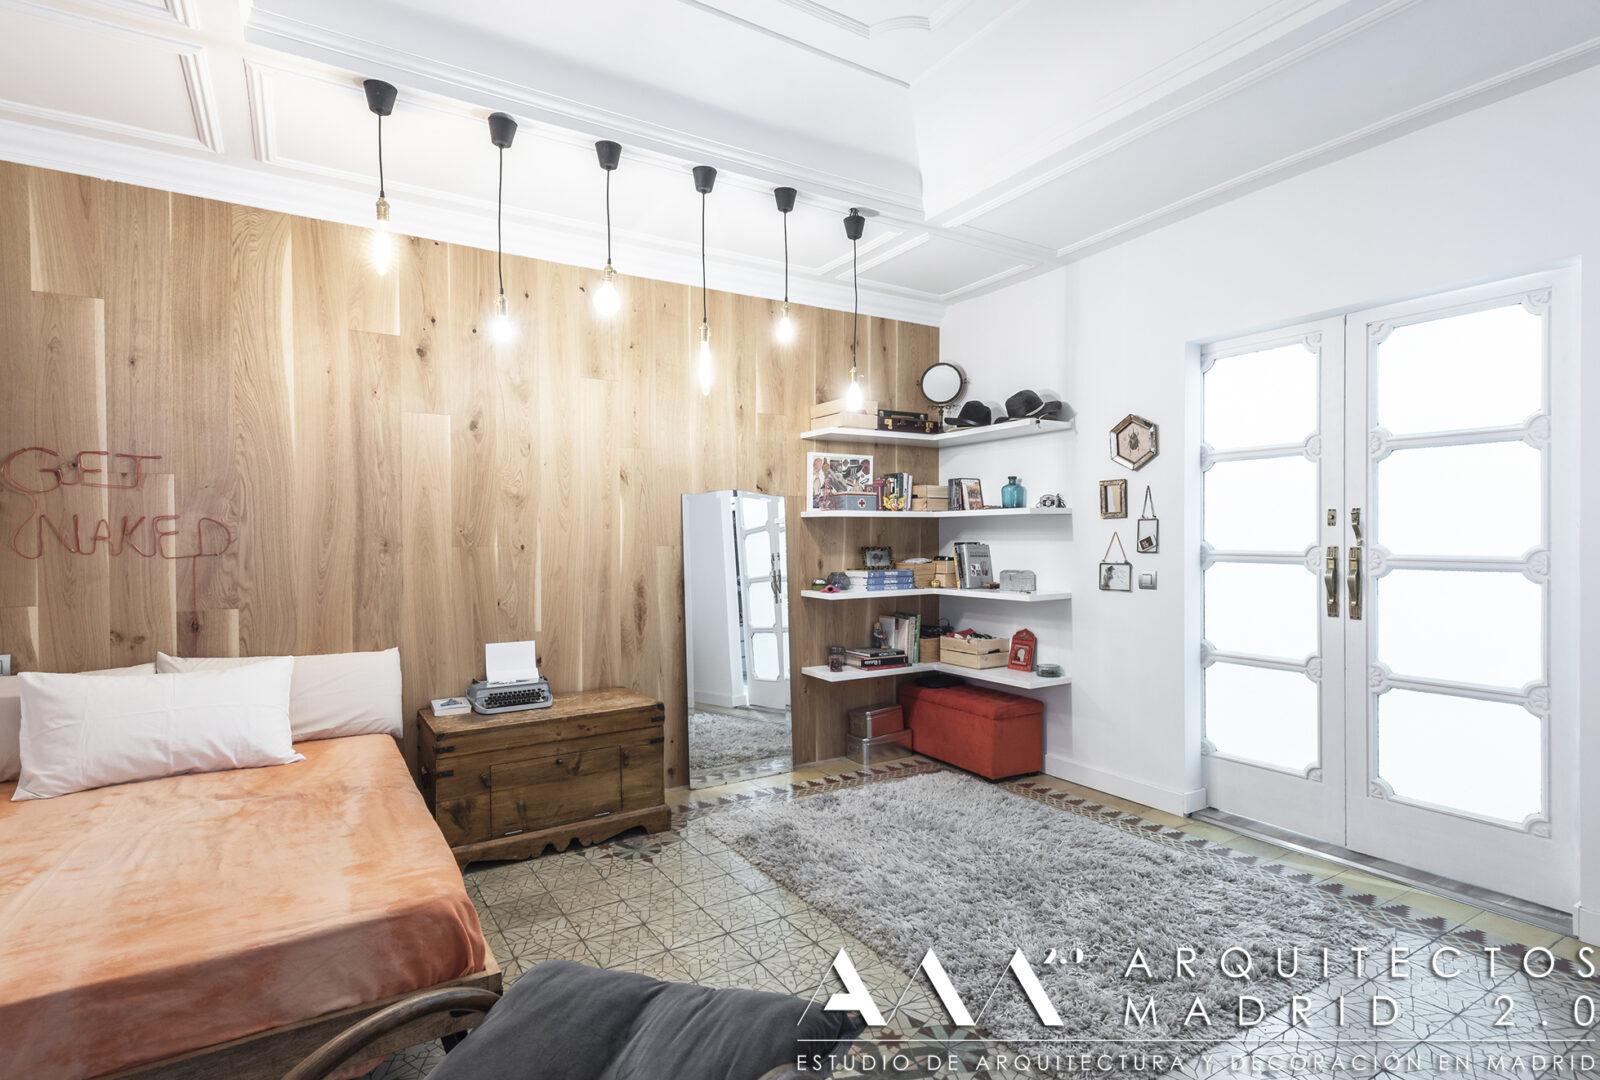 reforma-proyecto-vivienda-chamberi-arquitectos-madrid-decoracion-dormitorio-juvenil-03